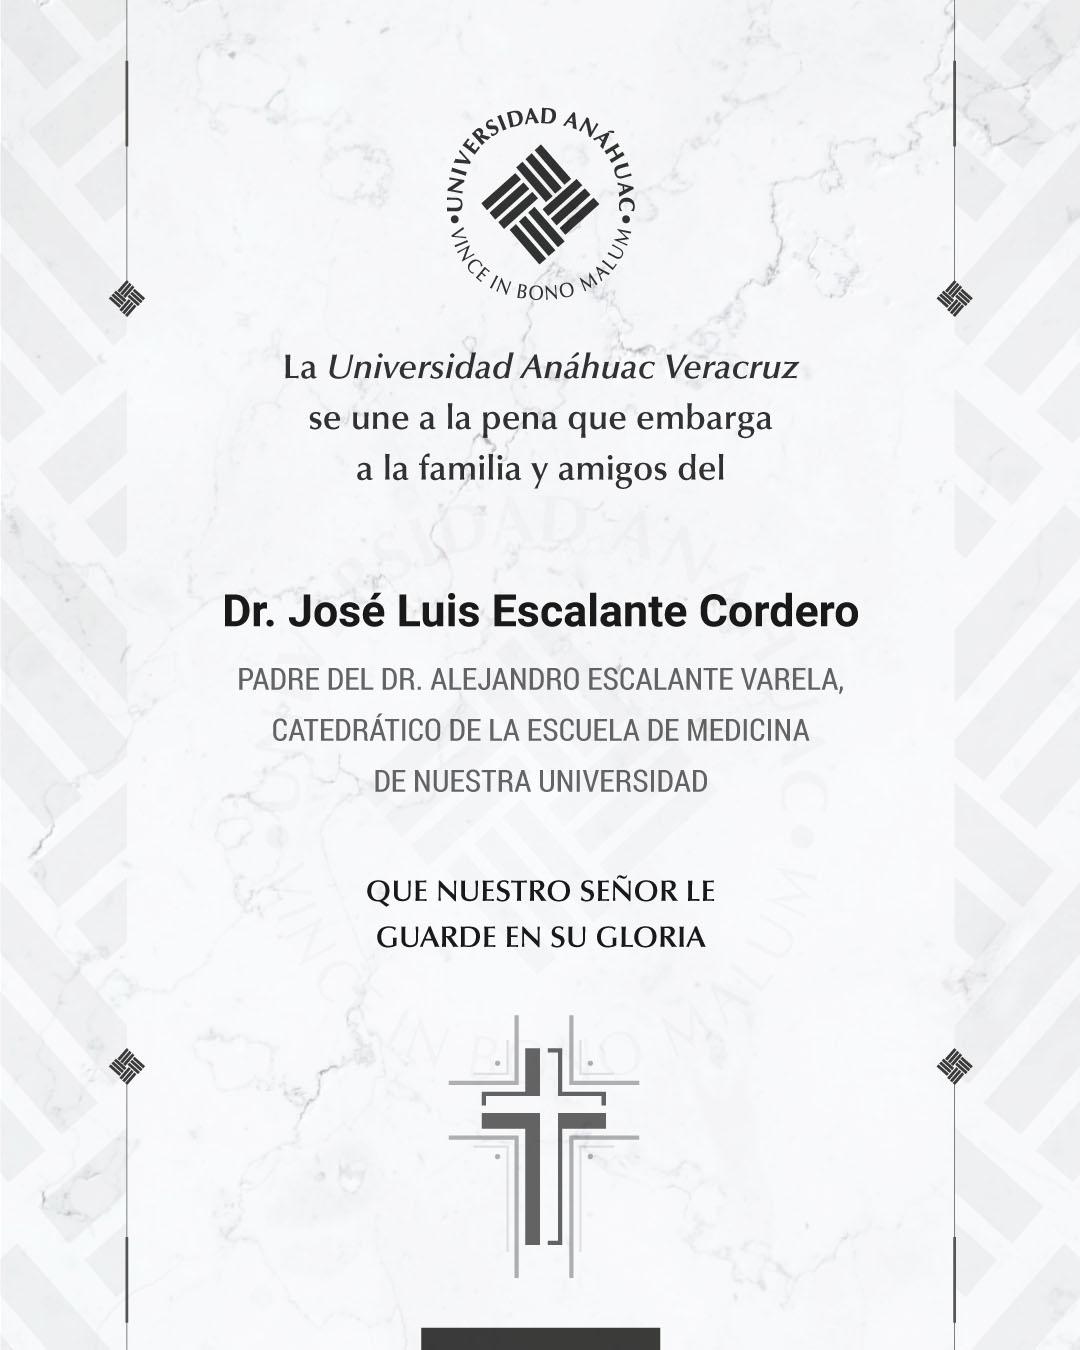 5 / 14 - Dr. José Luis Escalante Cordero